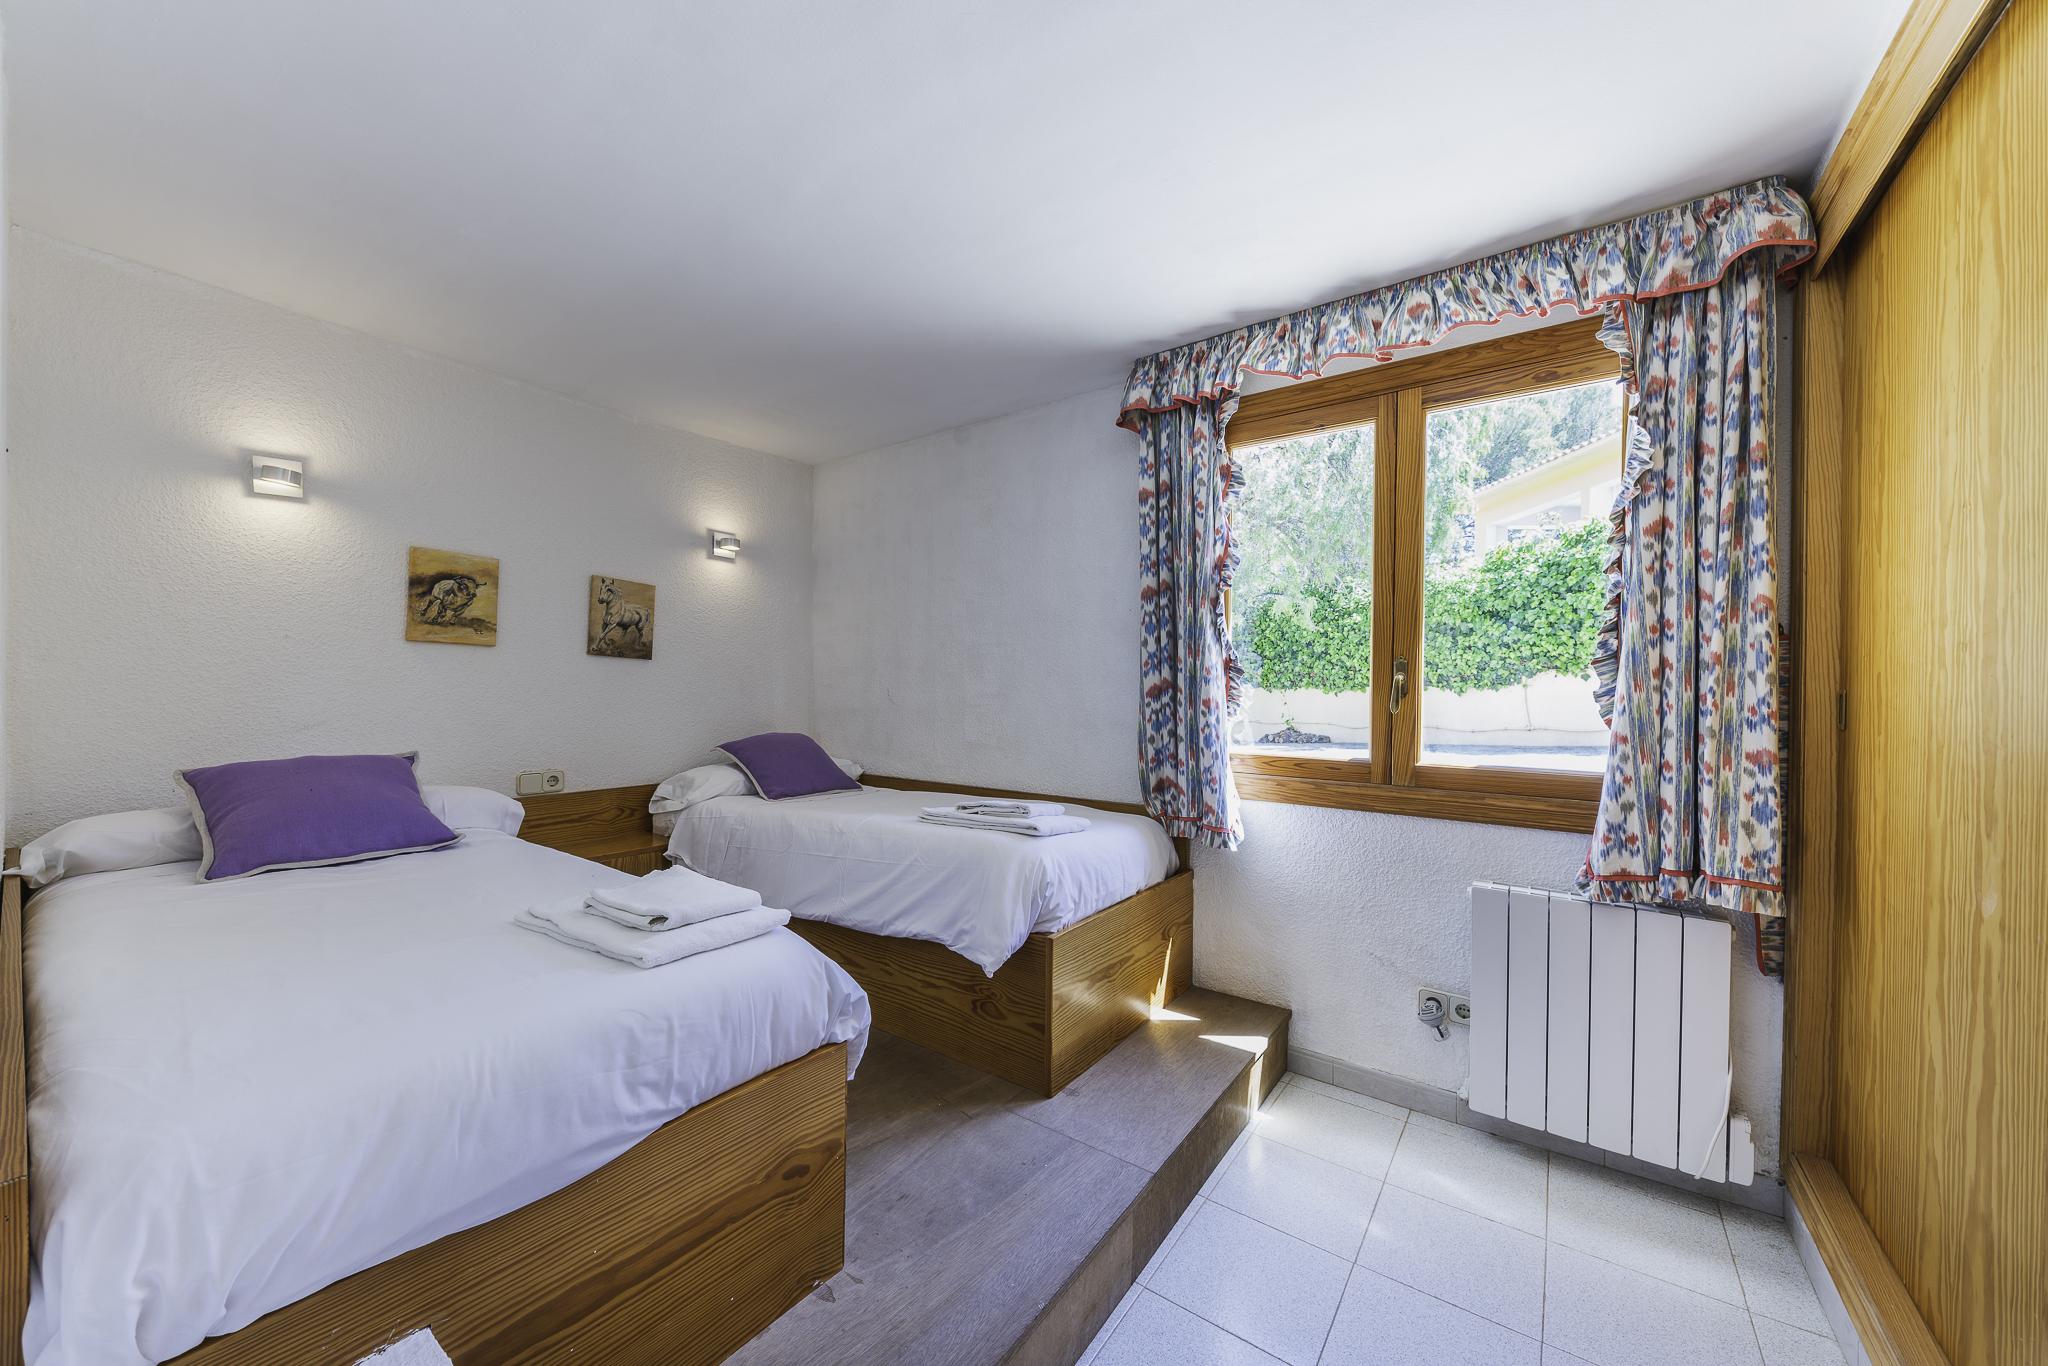 Apartment Casa Padrino  piscina privada  wifi  cerca de la playa photo 20228856